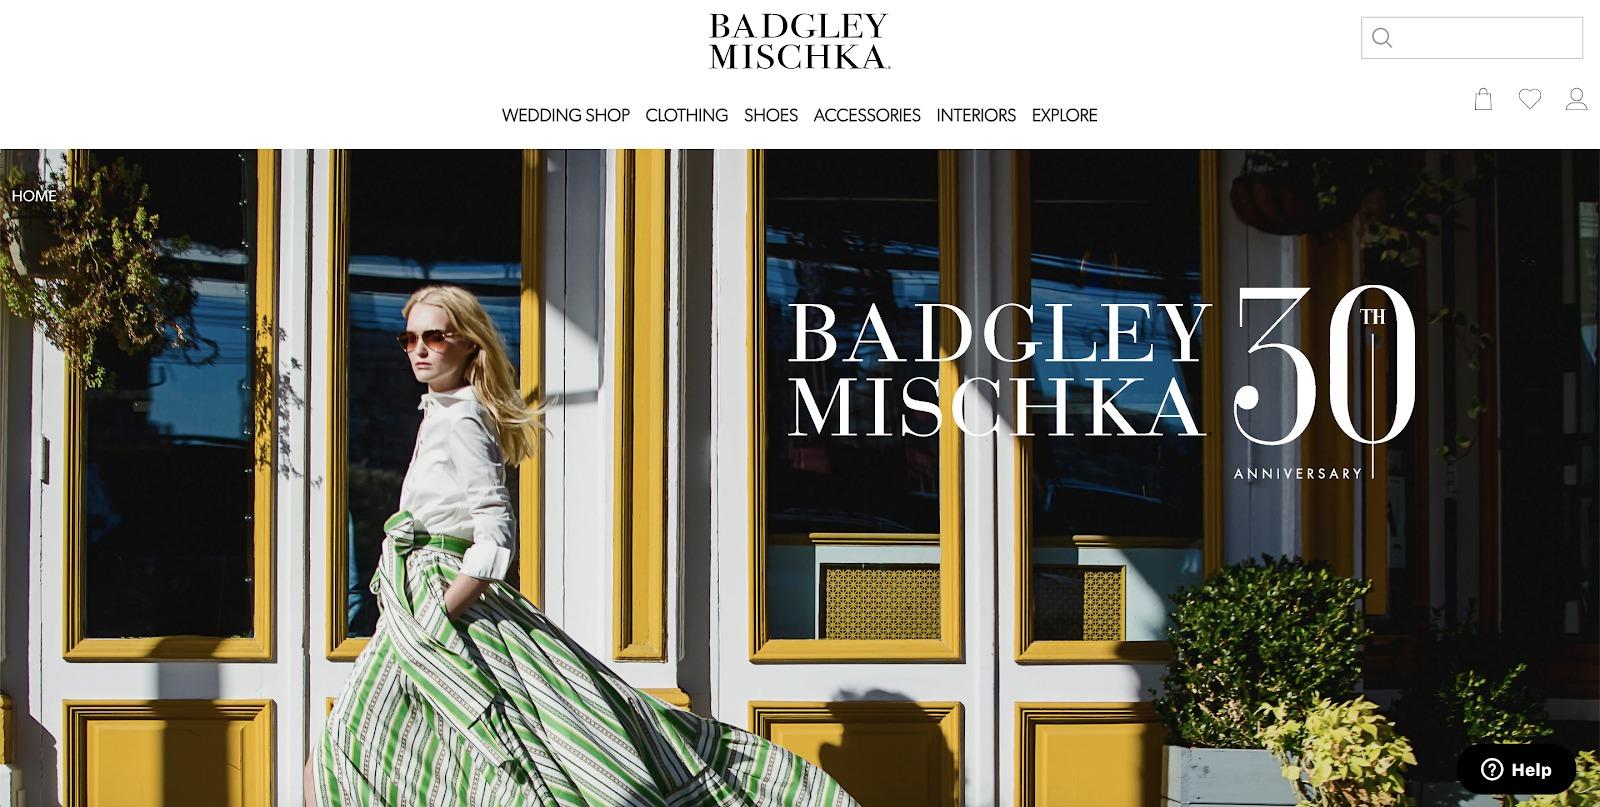 Esempio di negozio Badgley Mischka